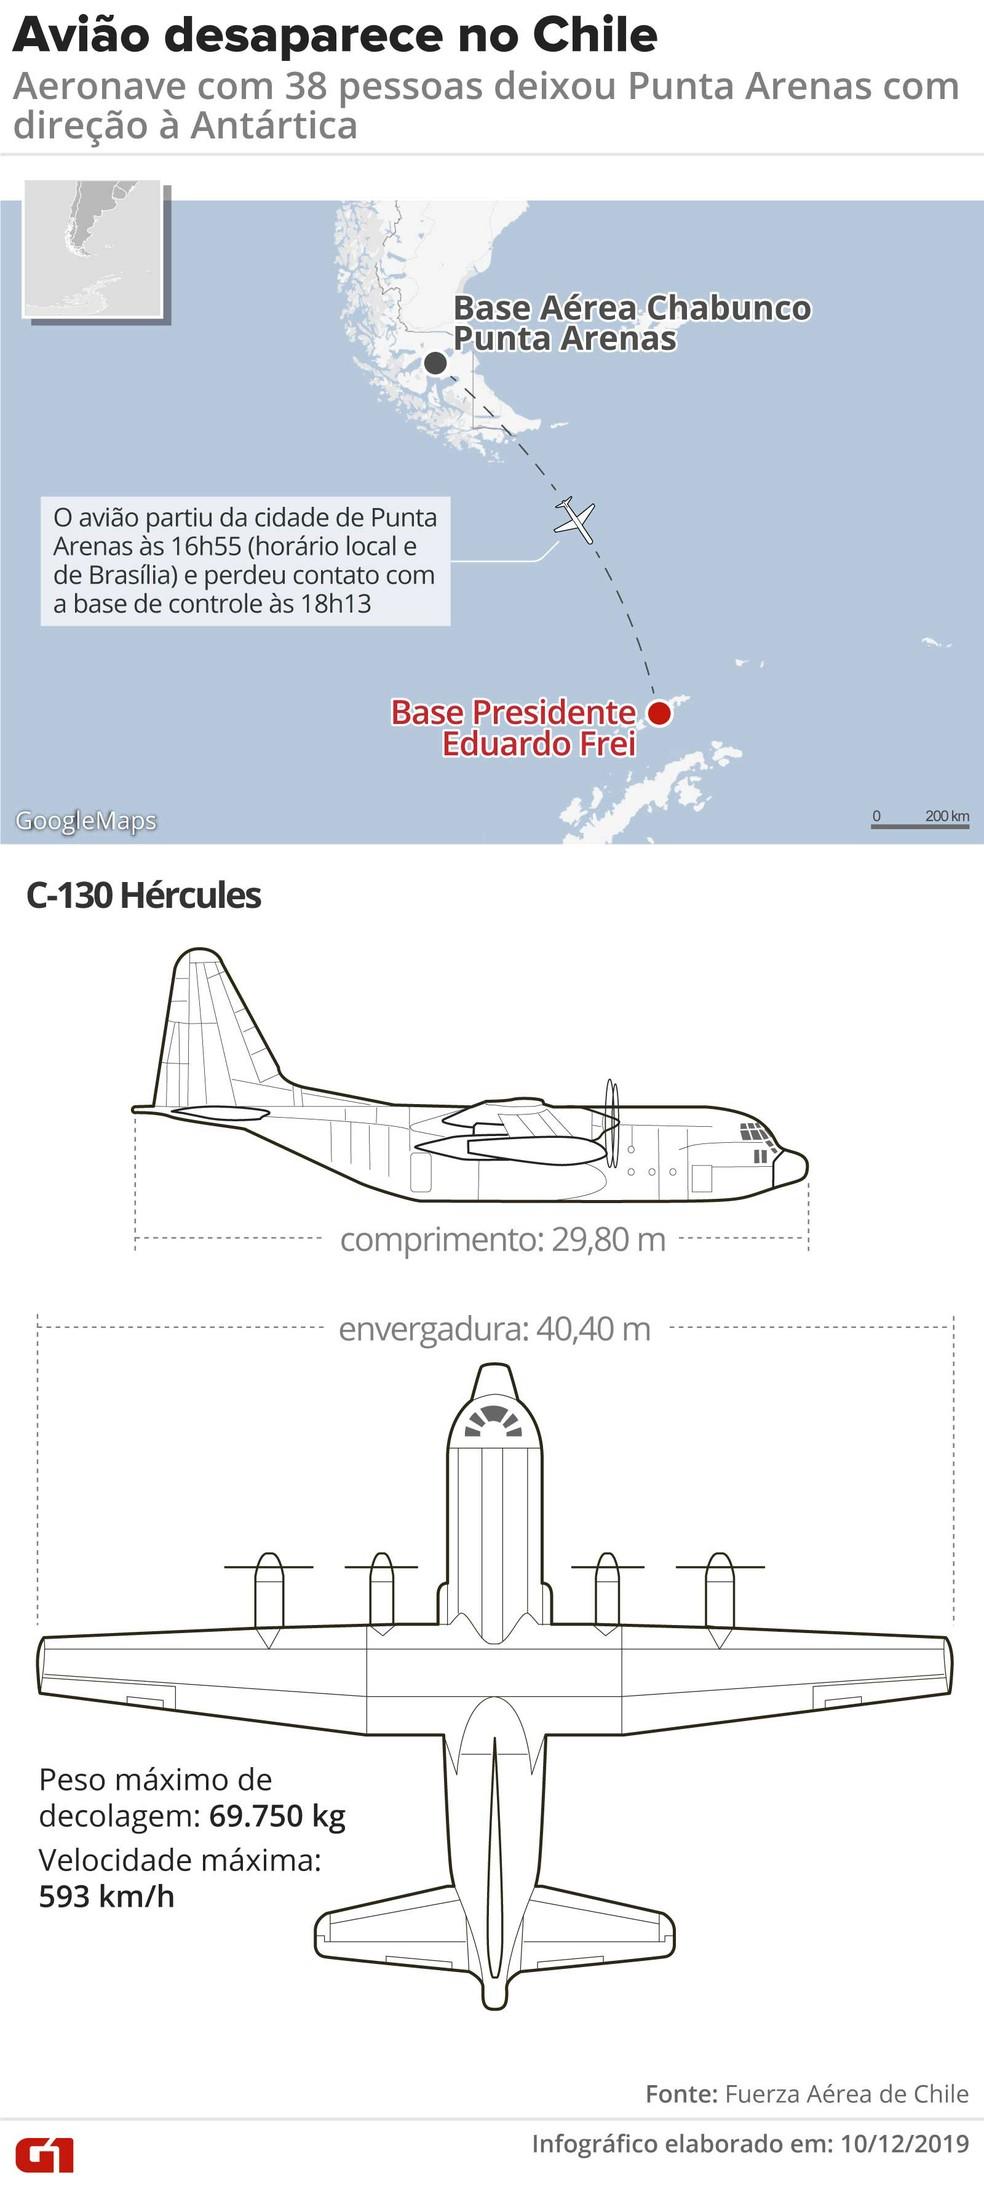 Avião da Força Aérea do Chile desapareceu na segunda-feira enquanto seguia para a Antártica  — Foto: Rodrigo Sanches/ G1